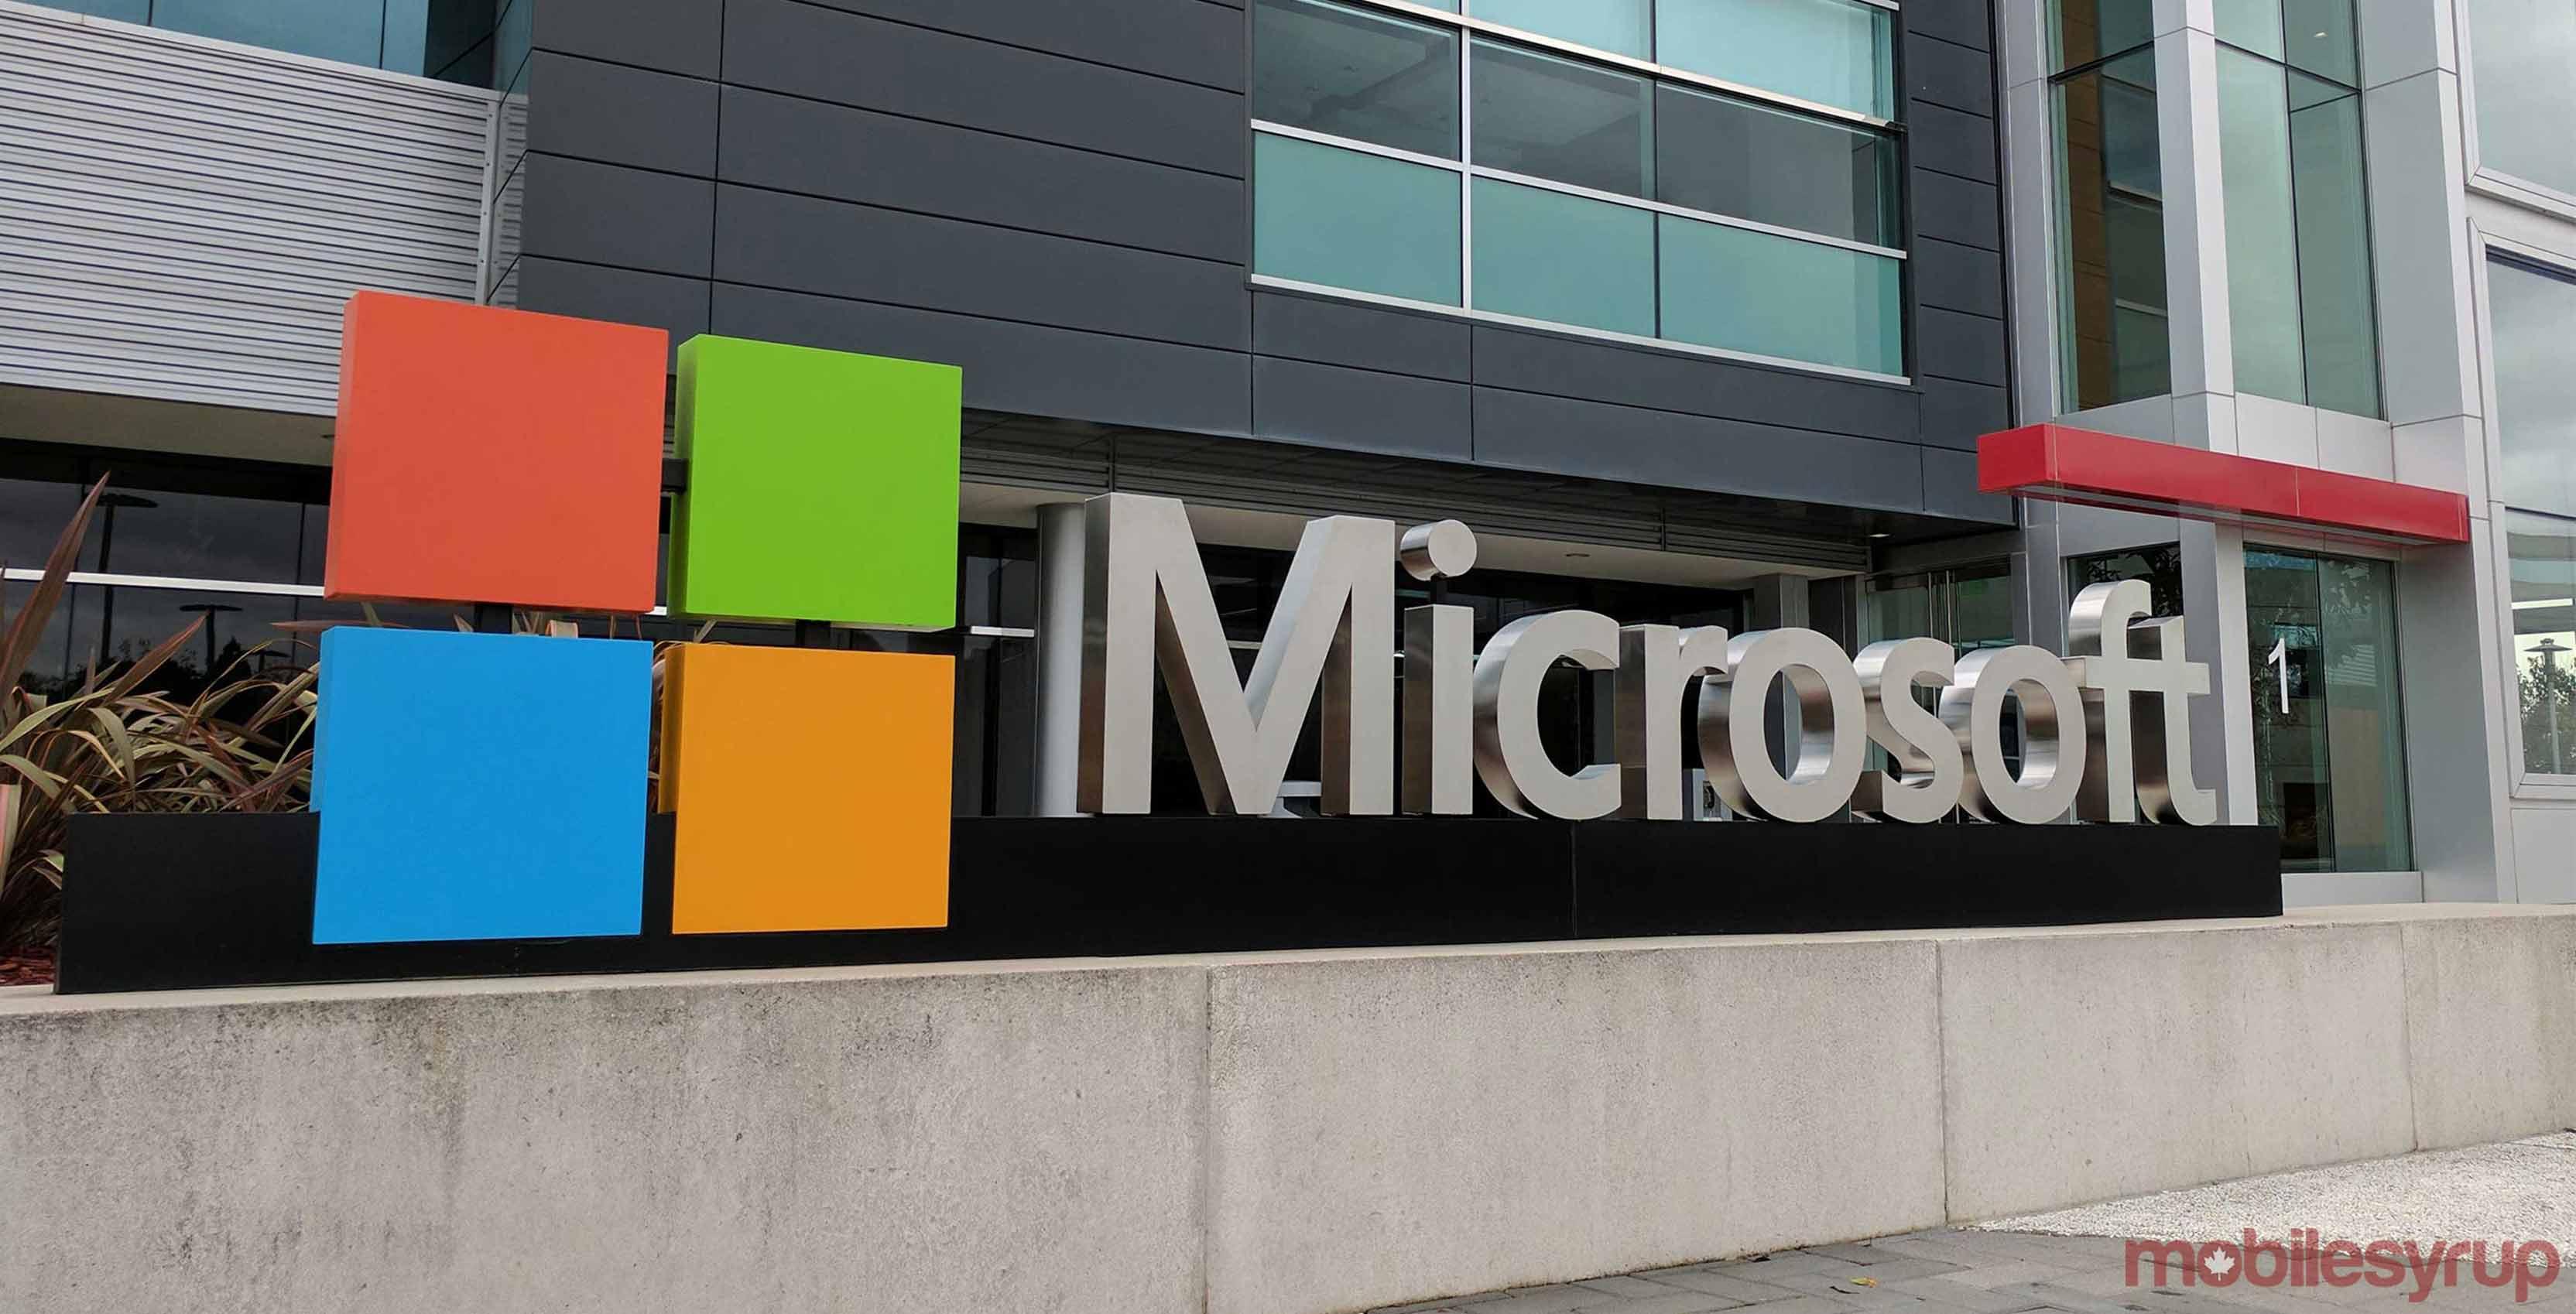 Microsoft logo outside